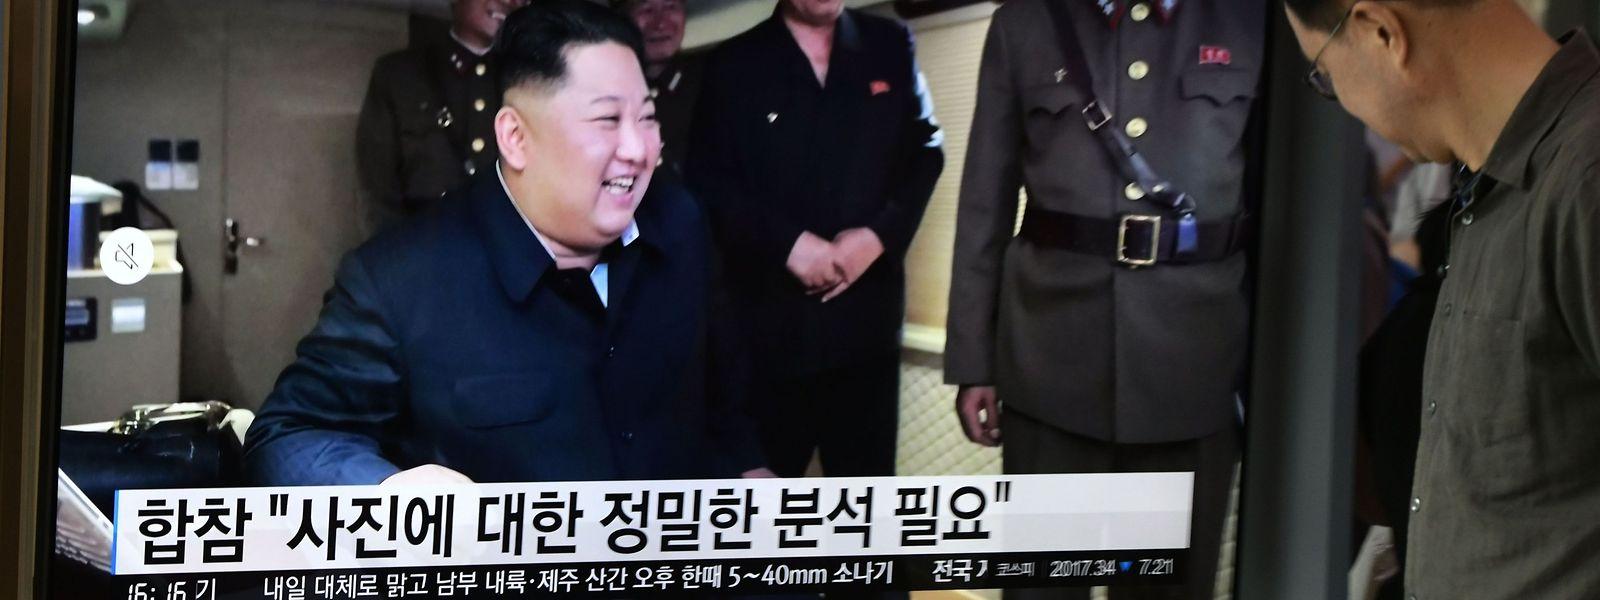 Live-Übertragung an einem Bahnhof in Seoul: Nordkoreas Machthaber Kim Jong-un freut sich über den gelungenen Raketentest.